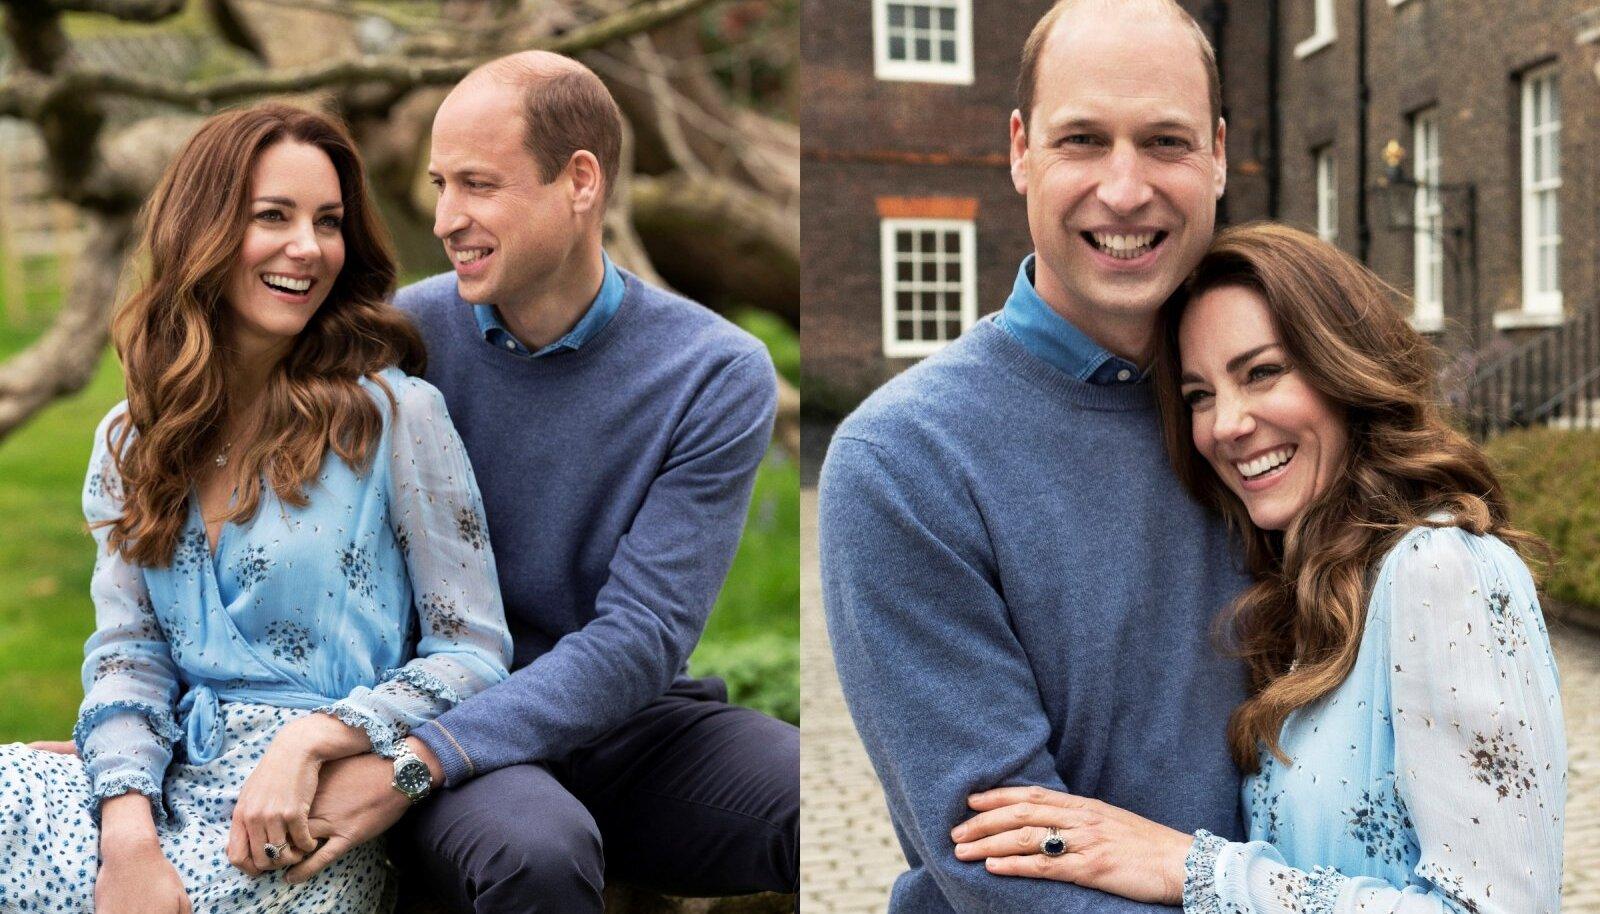 Кенсингтонский дворец выпустил две официальные фотографии принца Уильяма и Кейт к годовщине их брака